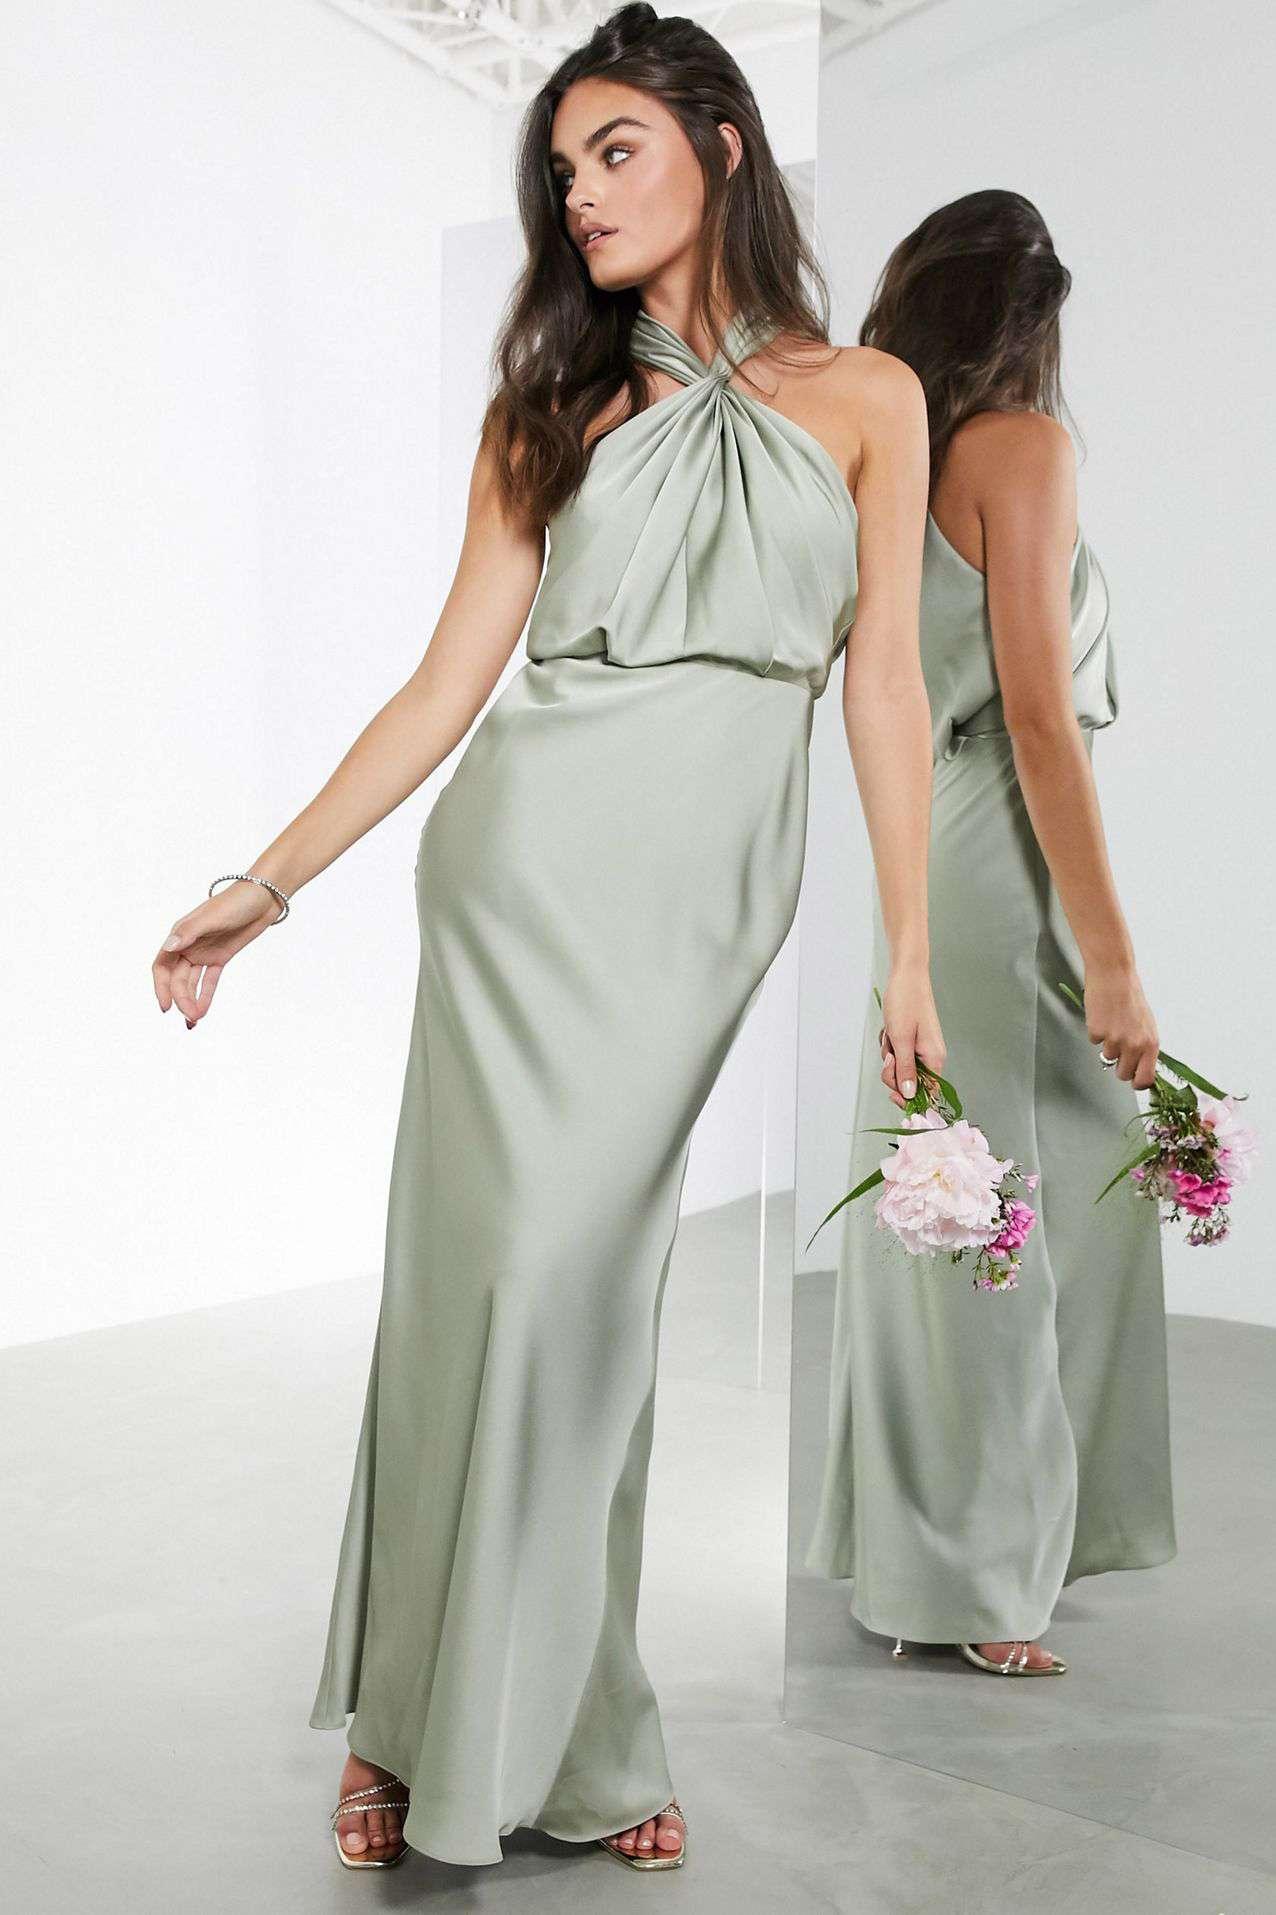 sage green bridesmaid dress